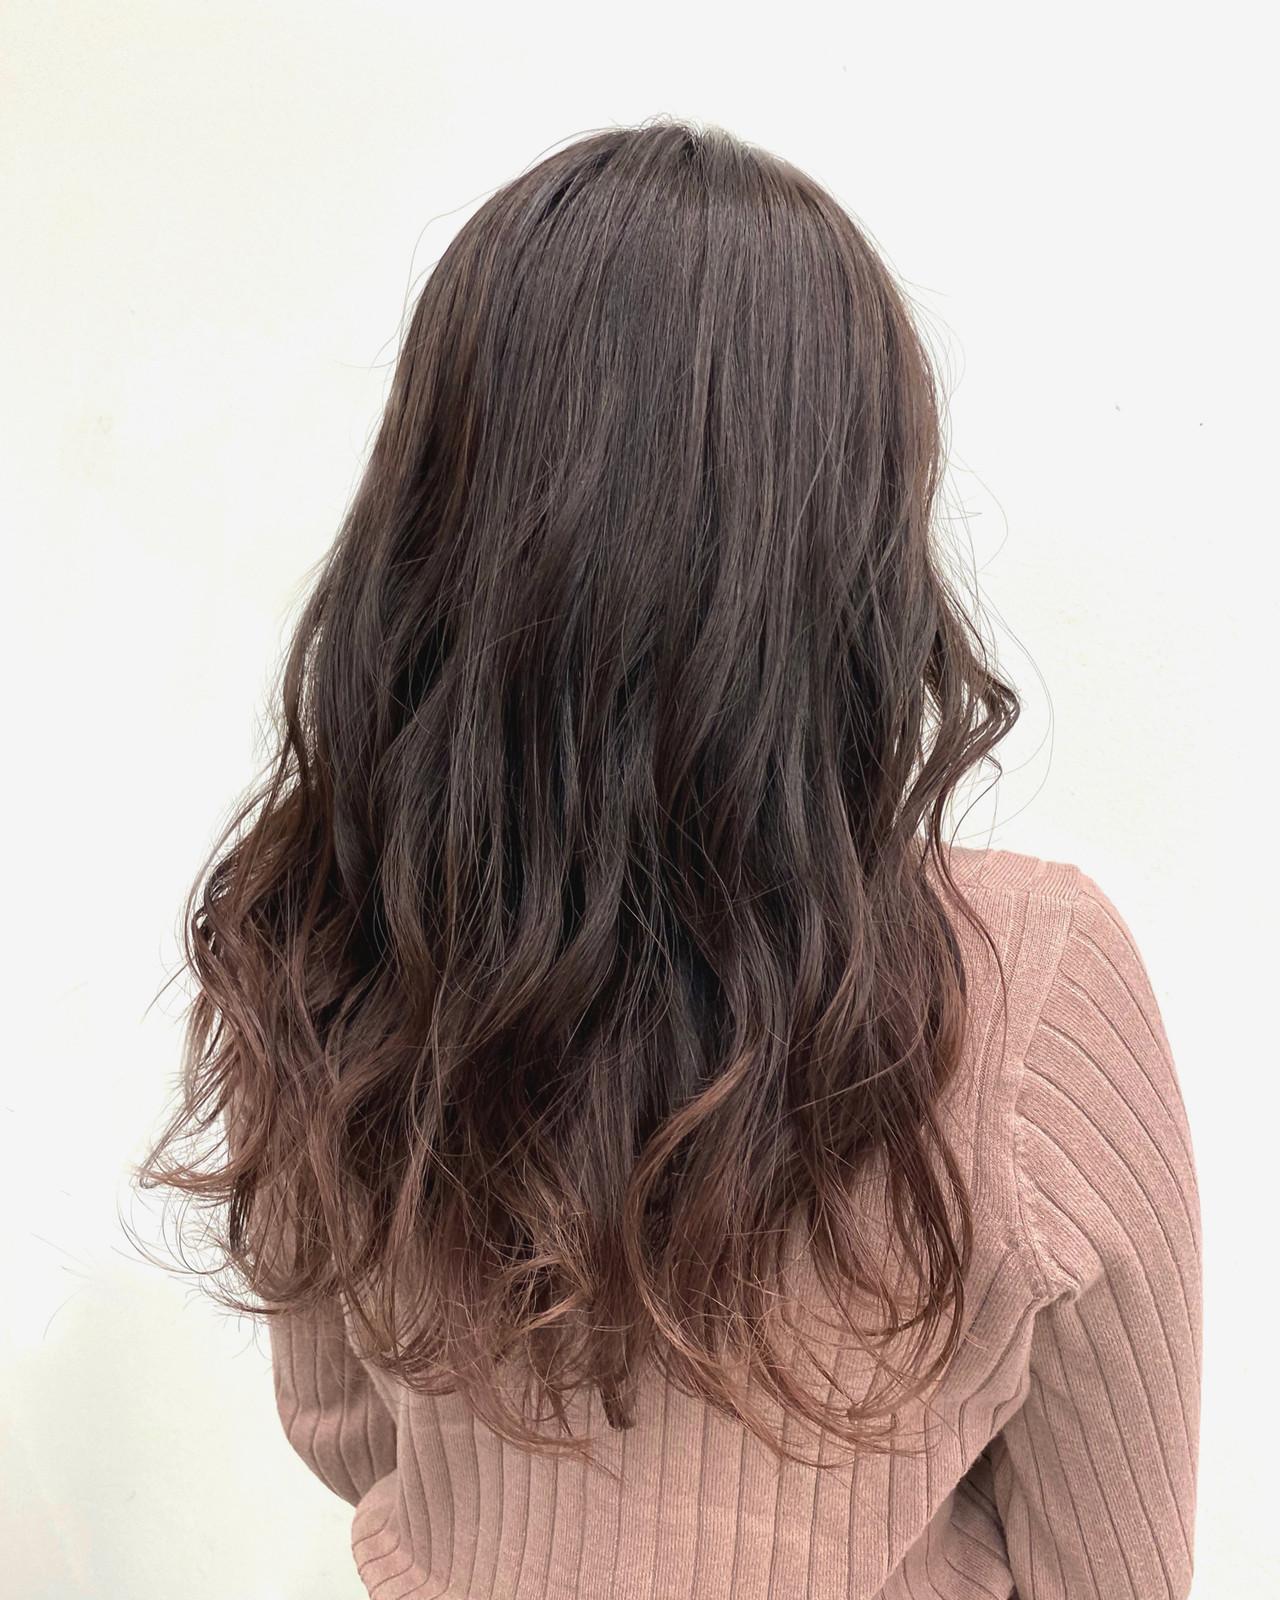 ラベンダーアッシュ モテ髪 フェミニン 春 ヘアスタイルや髪型の写真・画像